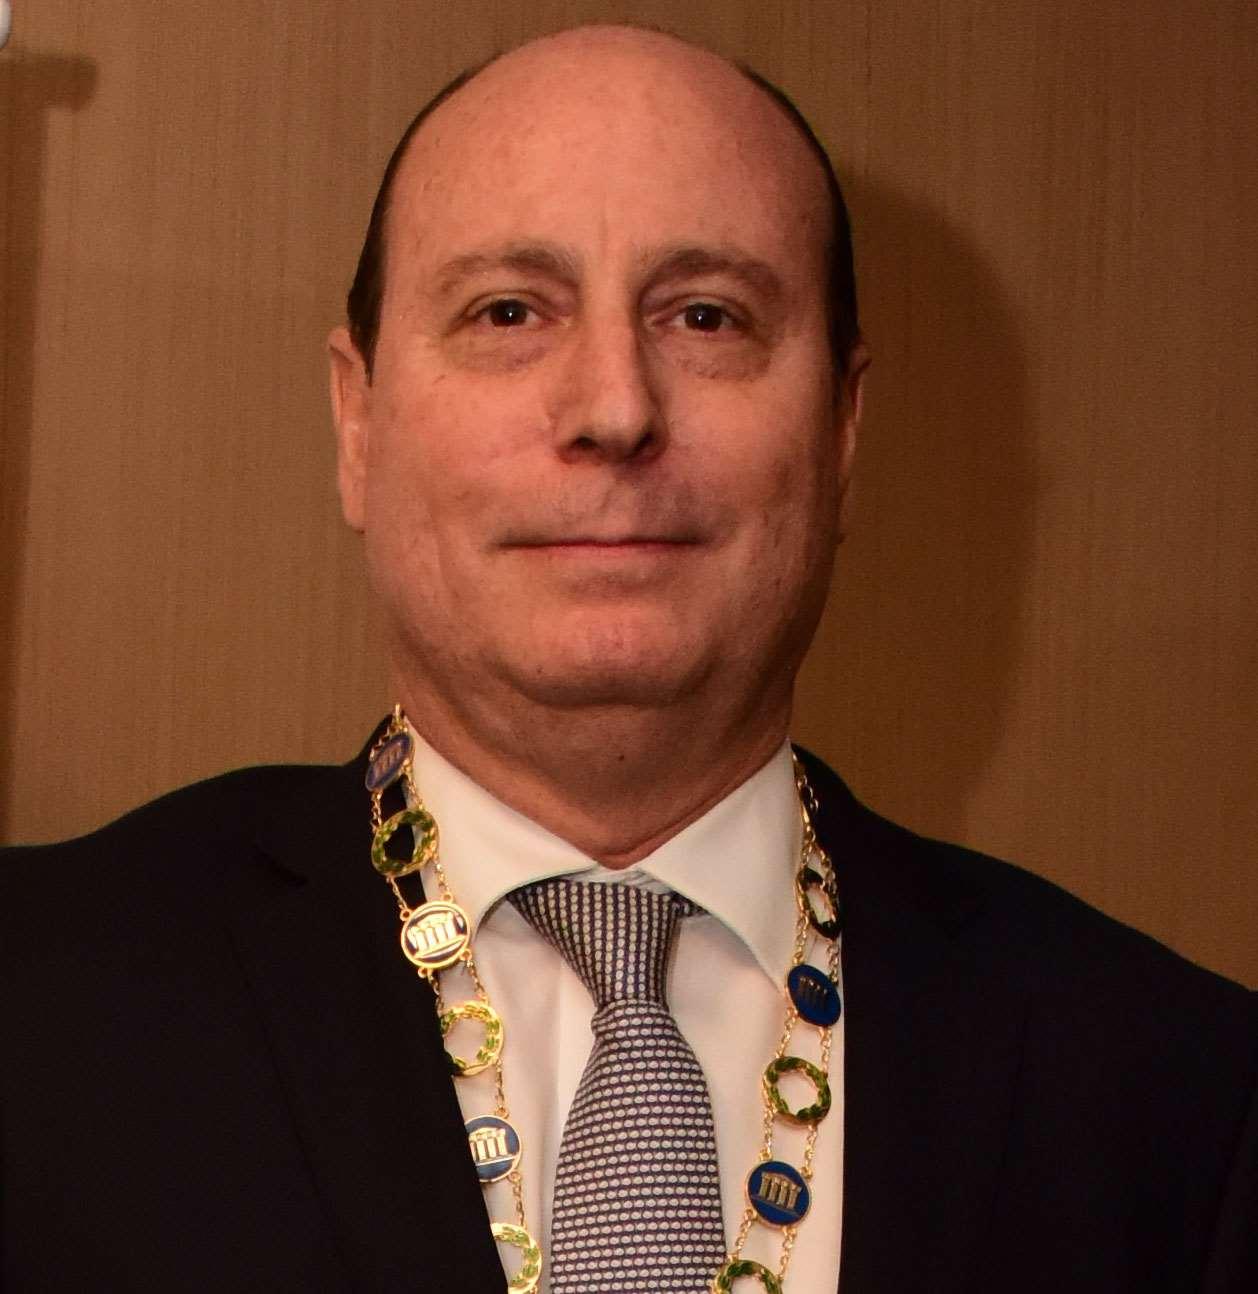 Phillip Krinker